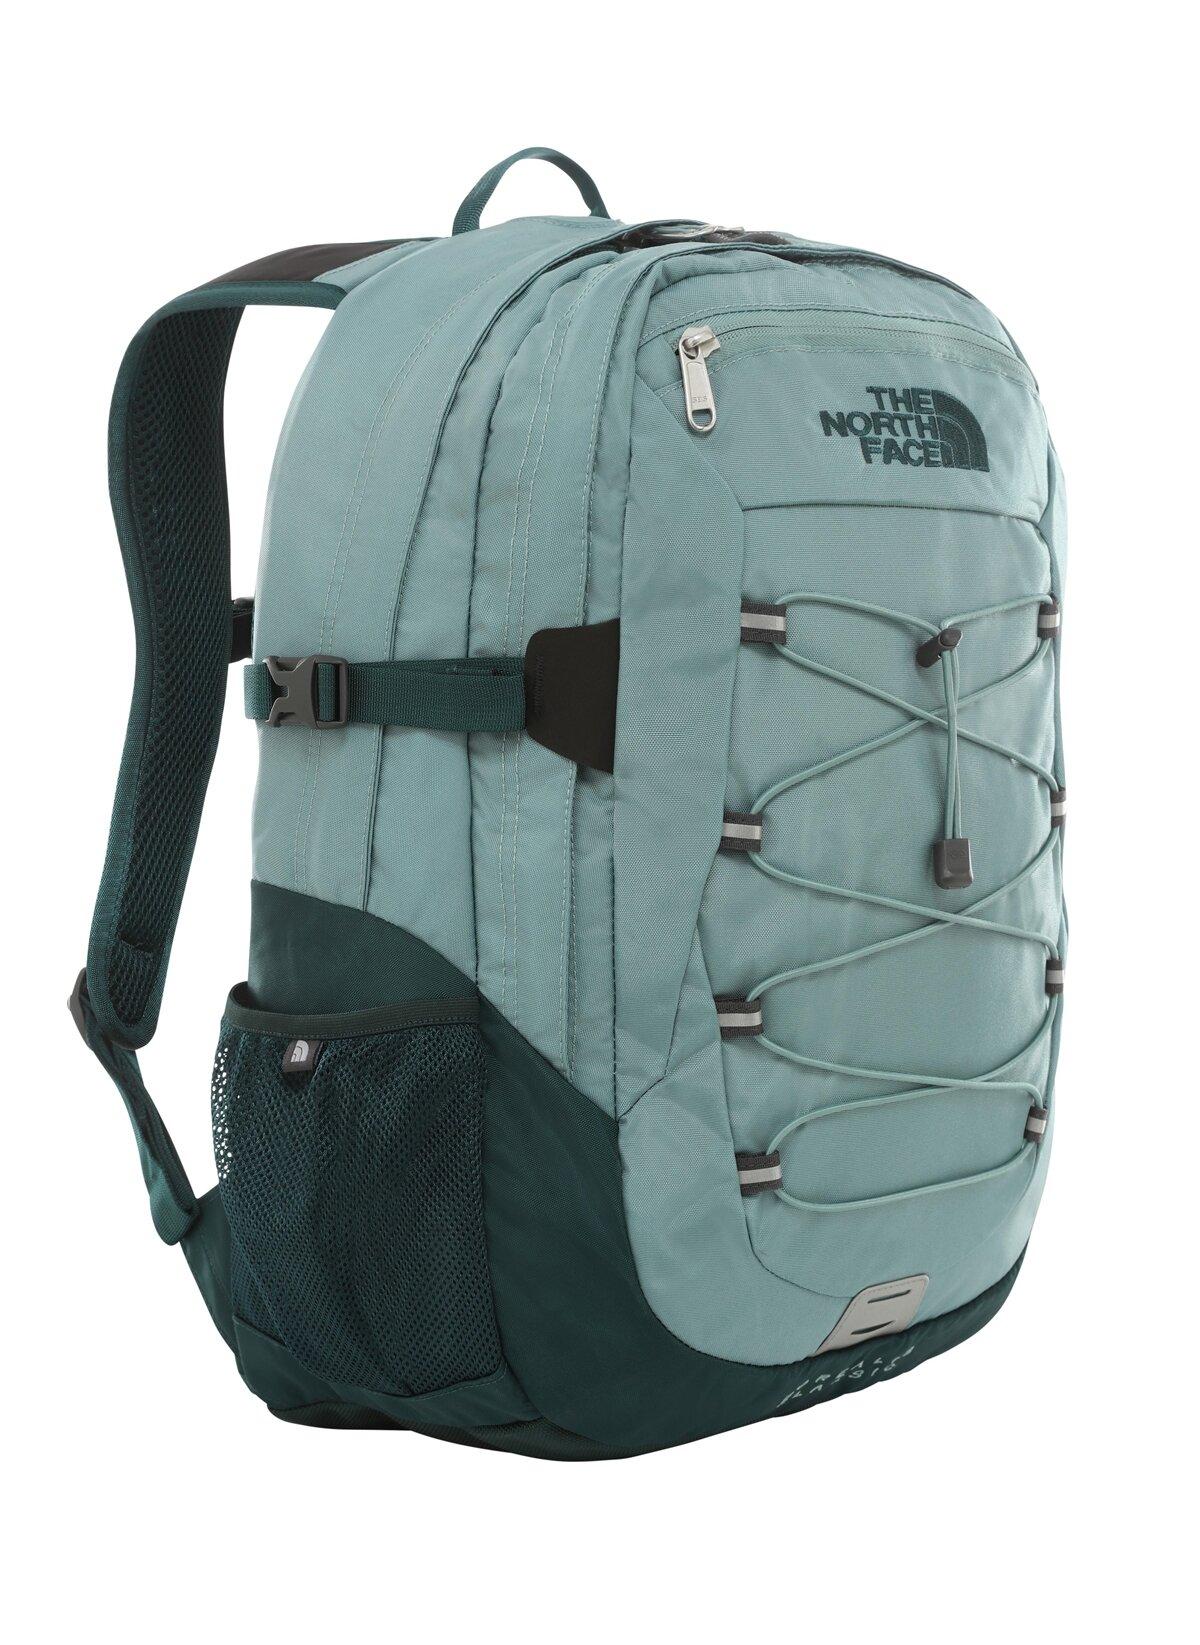 Обзор, описание и сравнение лучших моделей рюкзаков North Face